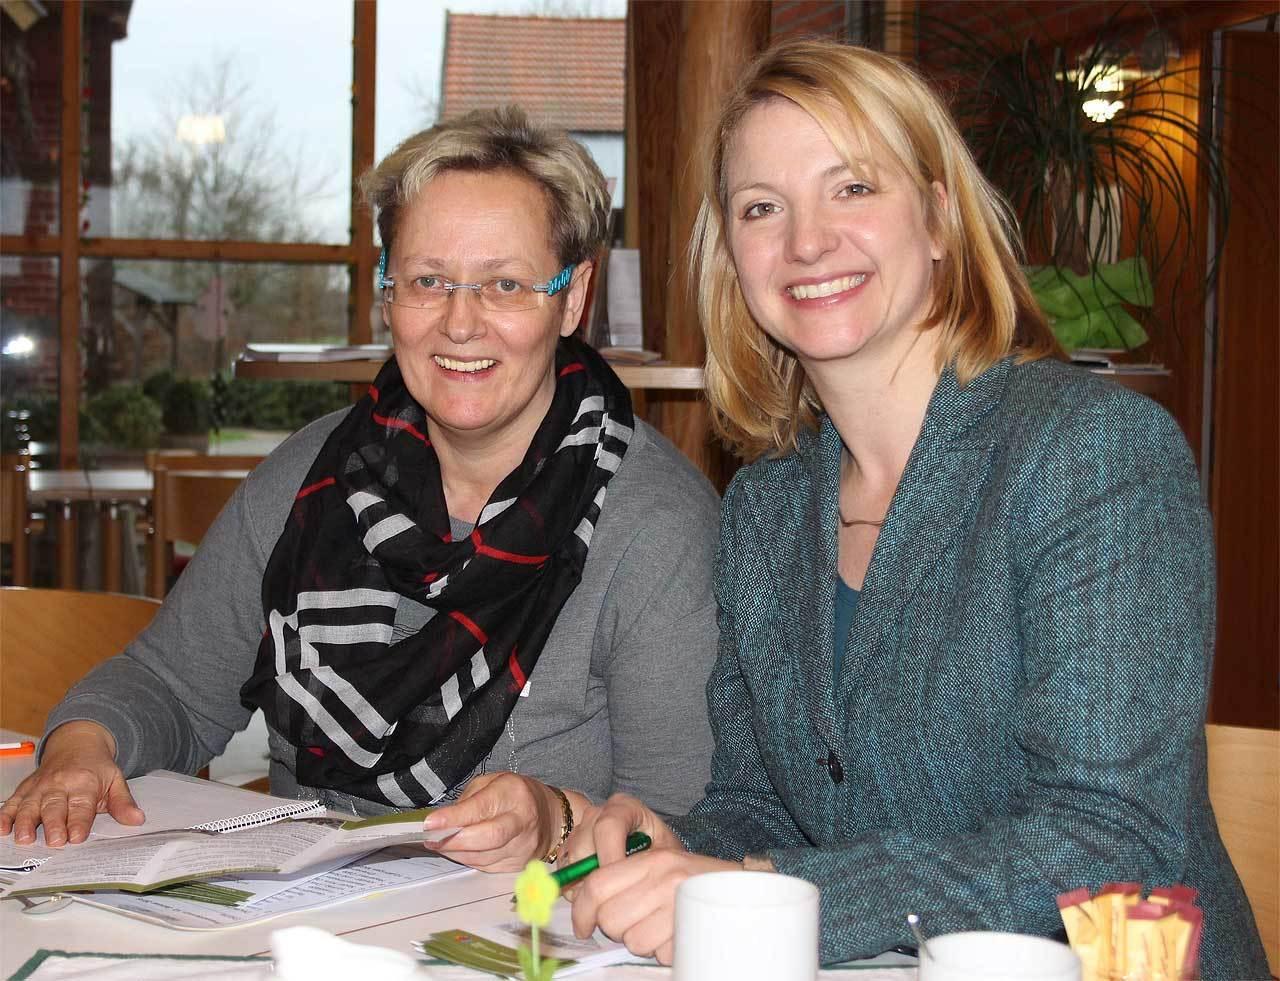 Manuela Thies (links) und Ilka Holsten-Poppe sehen dem Jubiläumsjahr optimistisch entgegen  Foto: Blaak